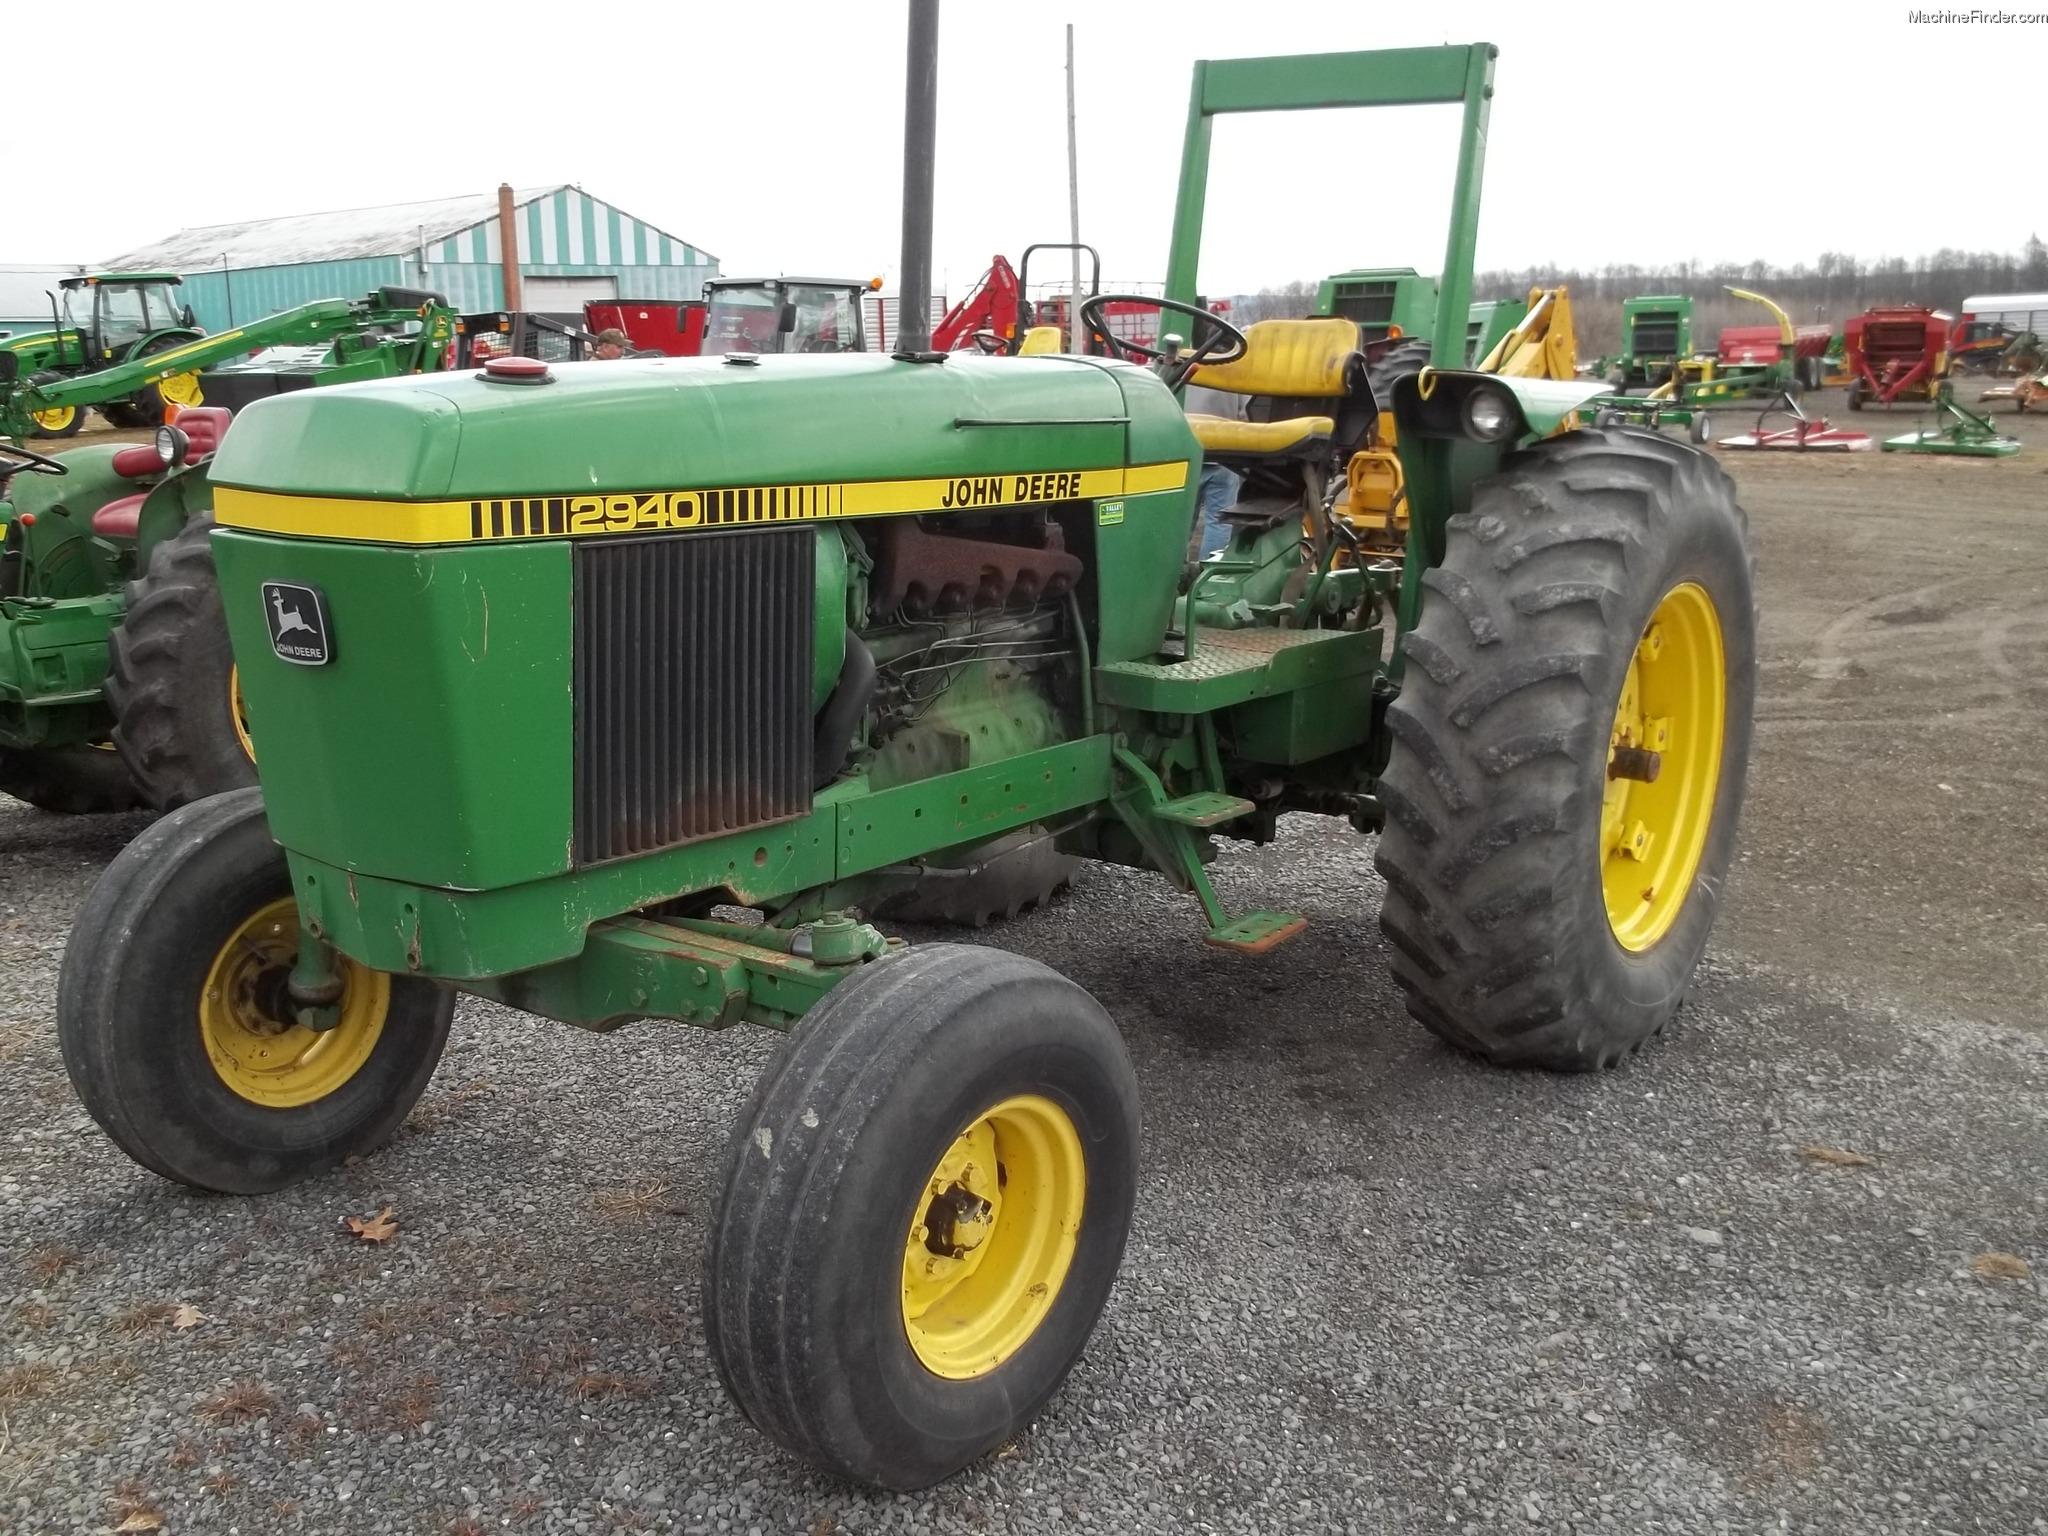 1982 John Deere 2940 Tractors - Row Crop (+100hp) - John Deere ...